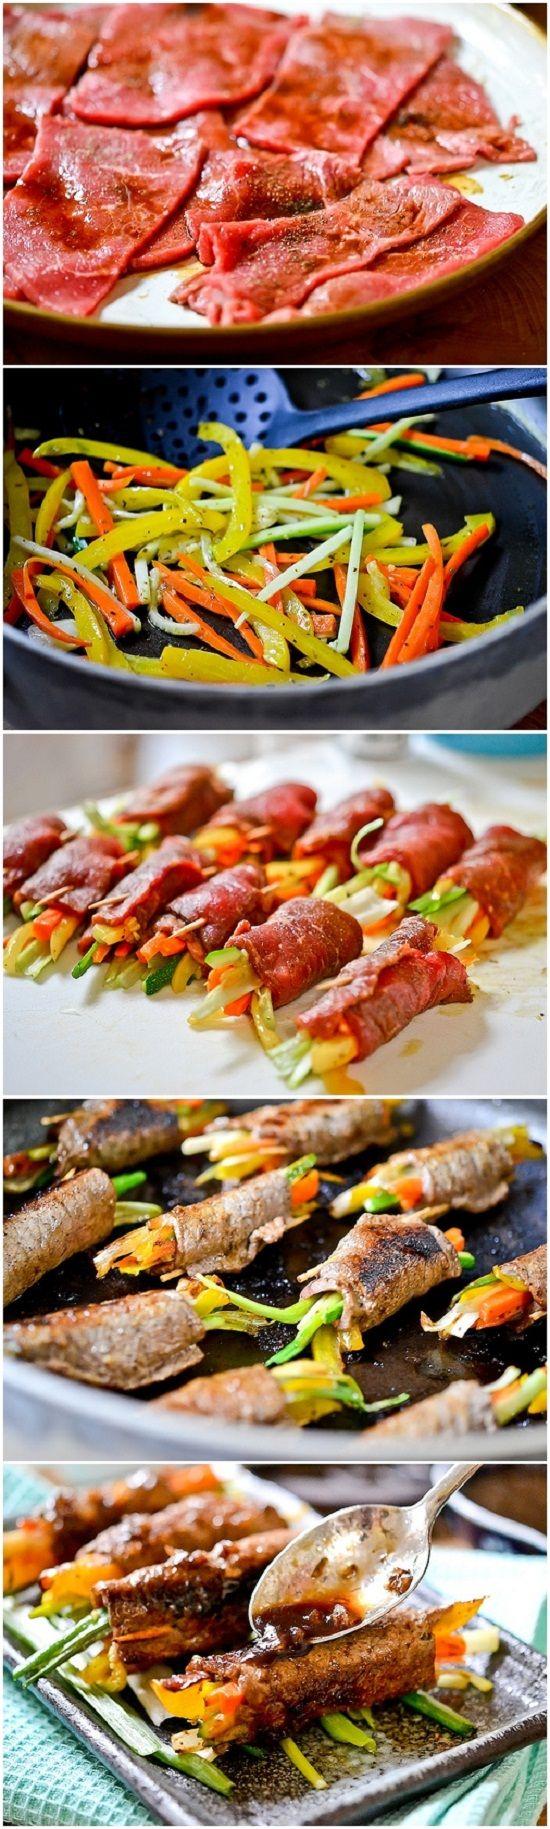 Balsamic Glazed Steak Rolls - Imgur